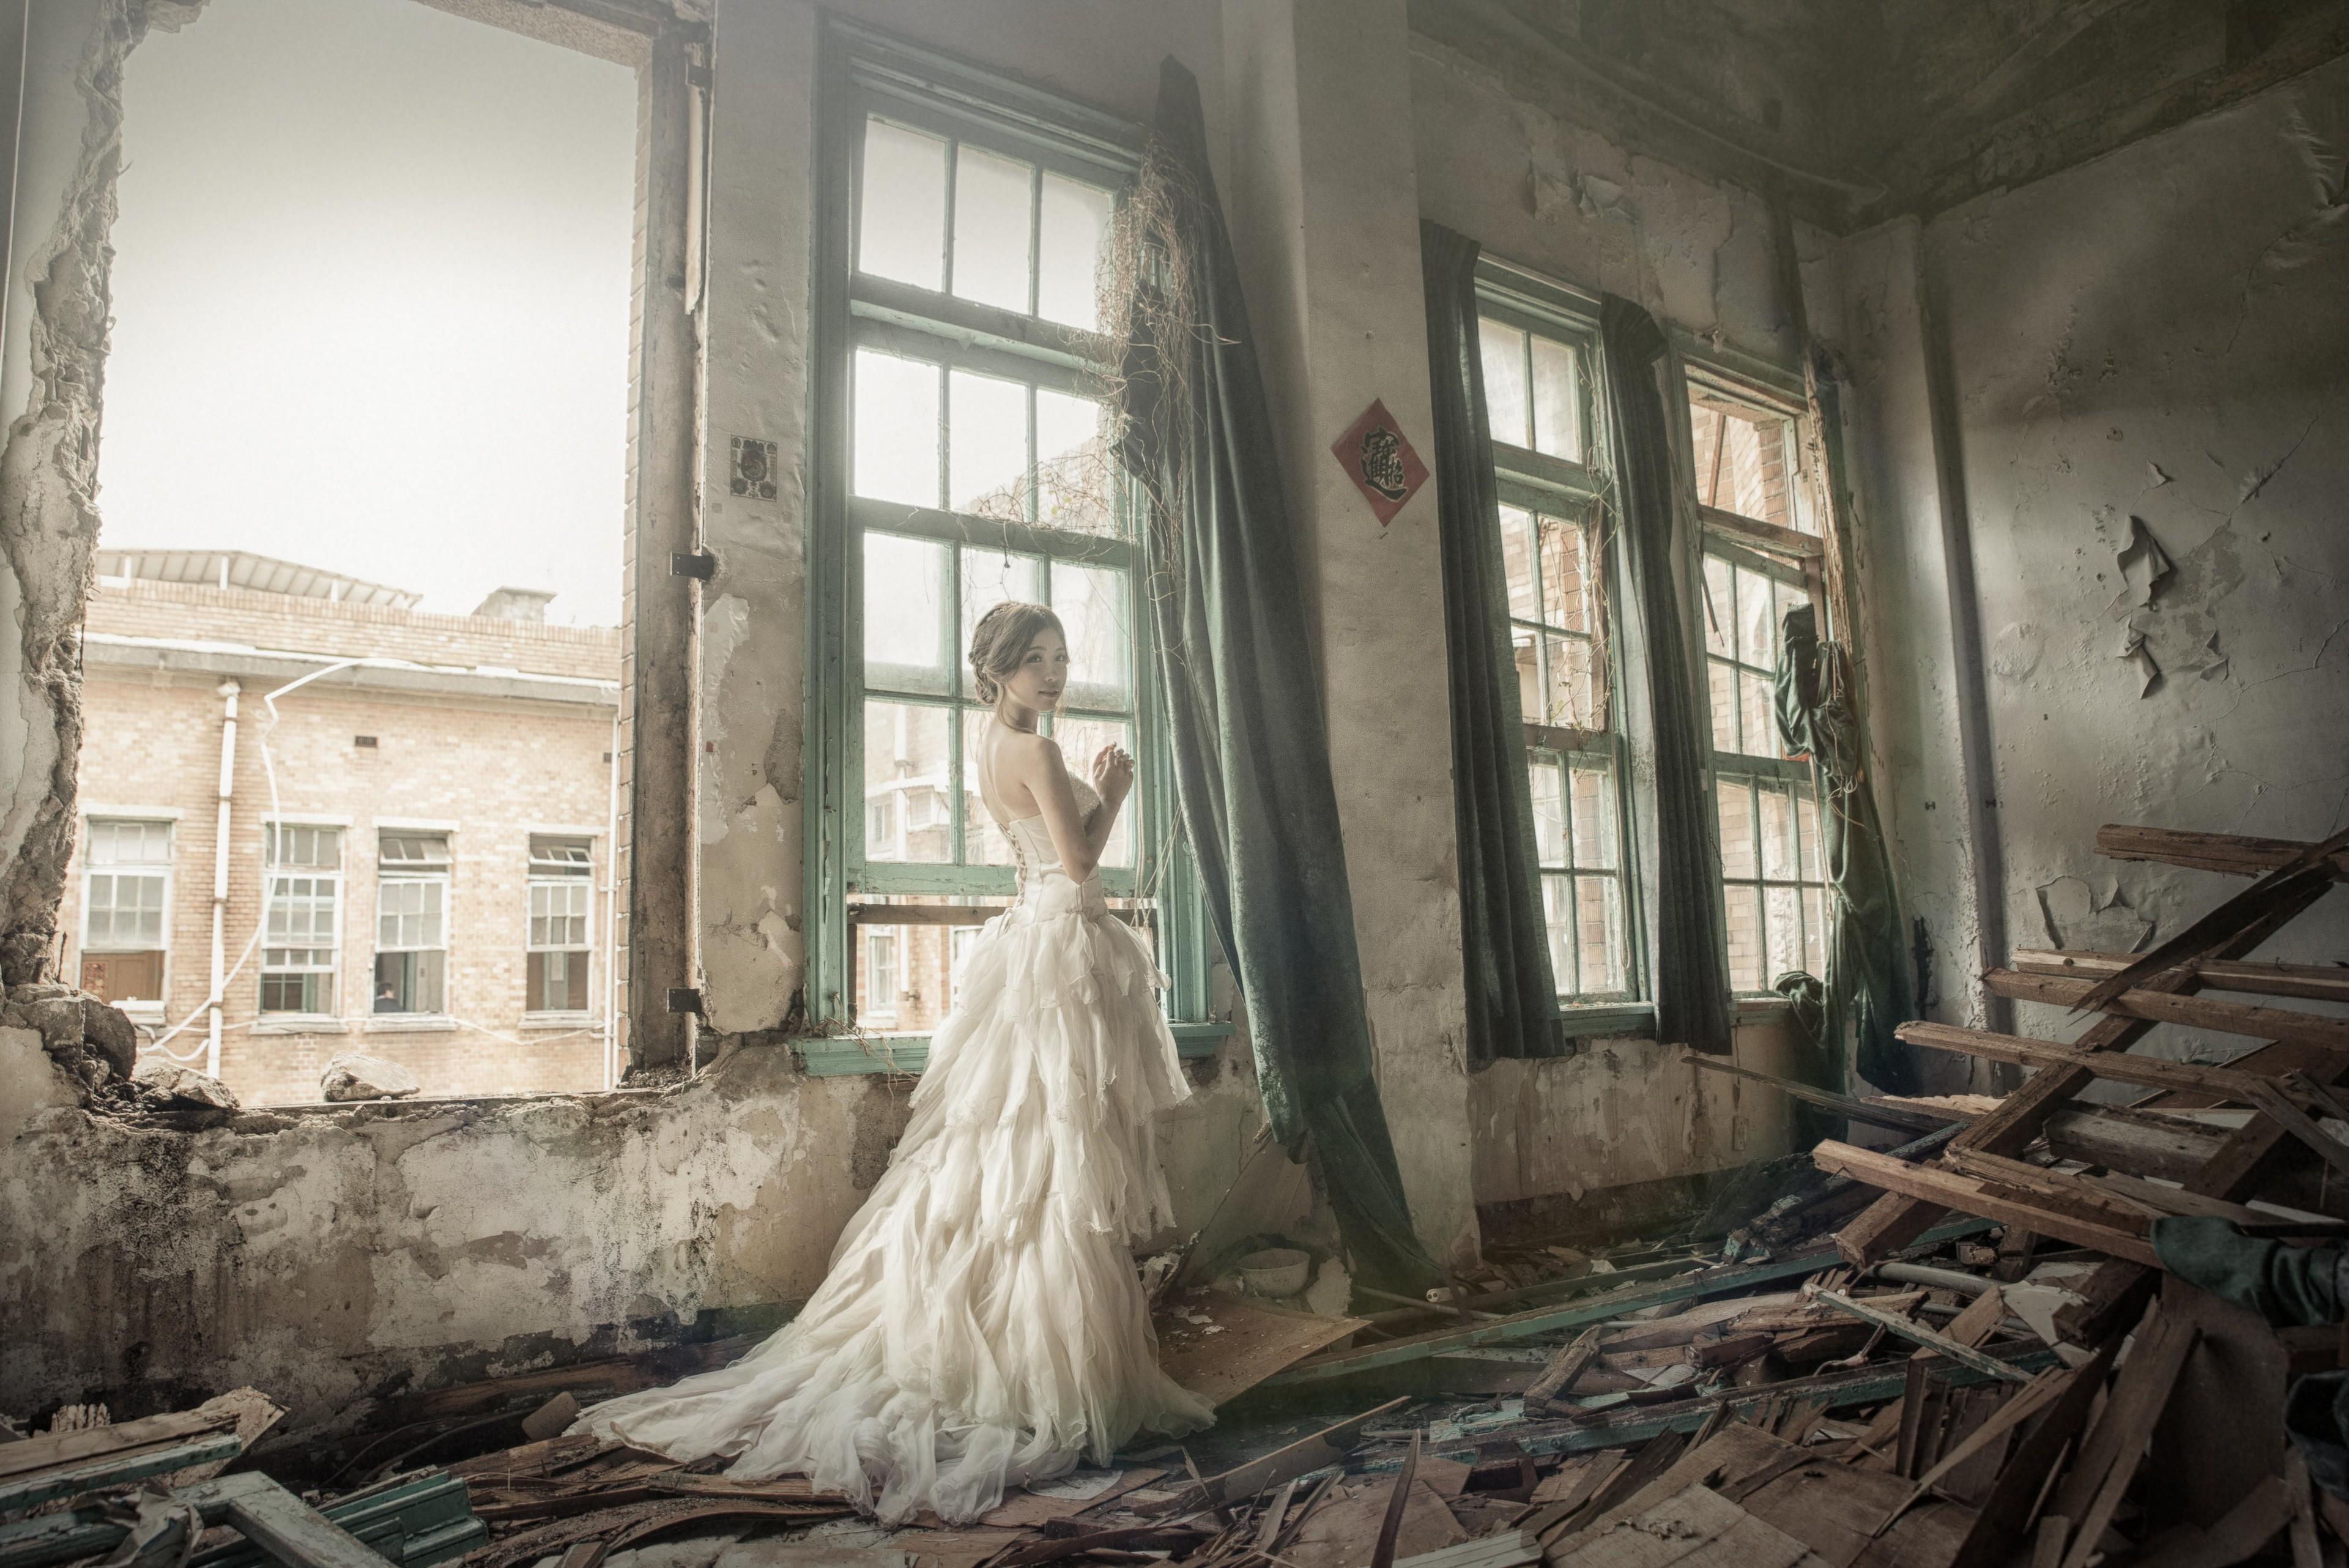 fond d 39 cran asiatique robe design d 39 int rieur ruines photographier image manoir. Black Bedroom Furniture Sets. Home Design Ideas